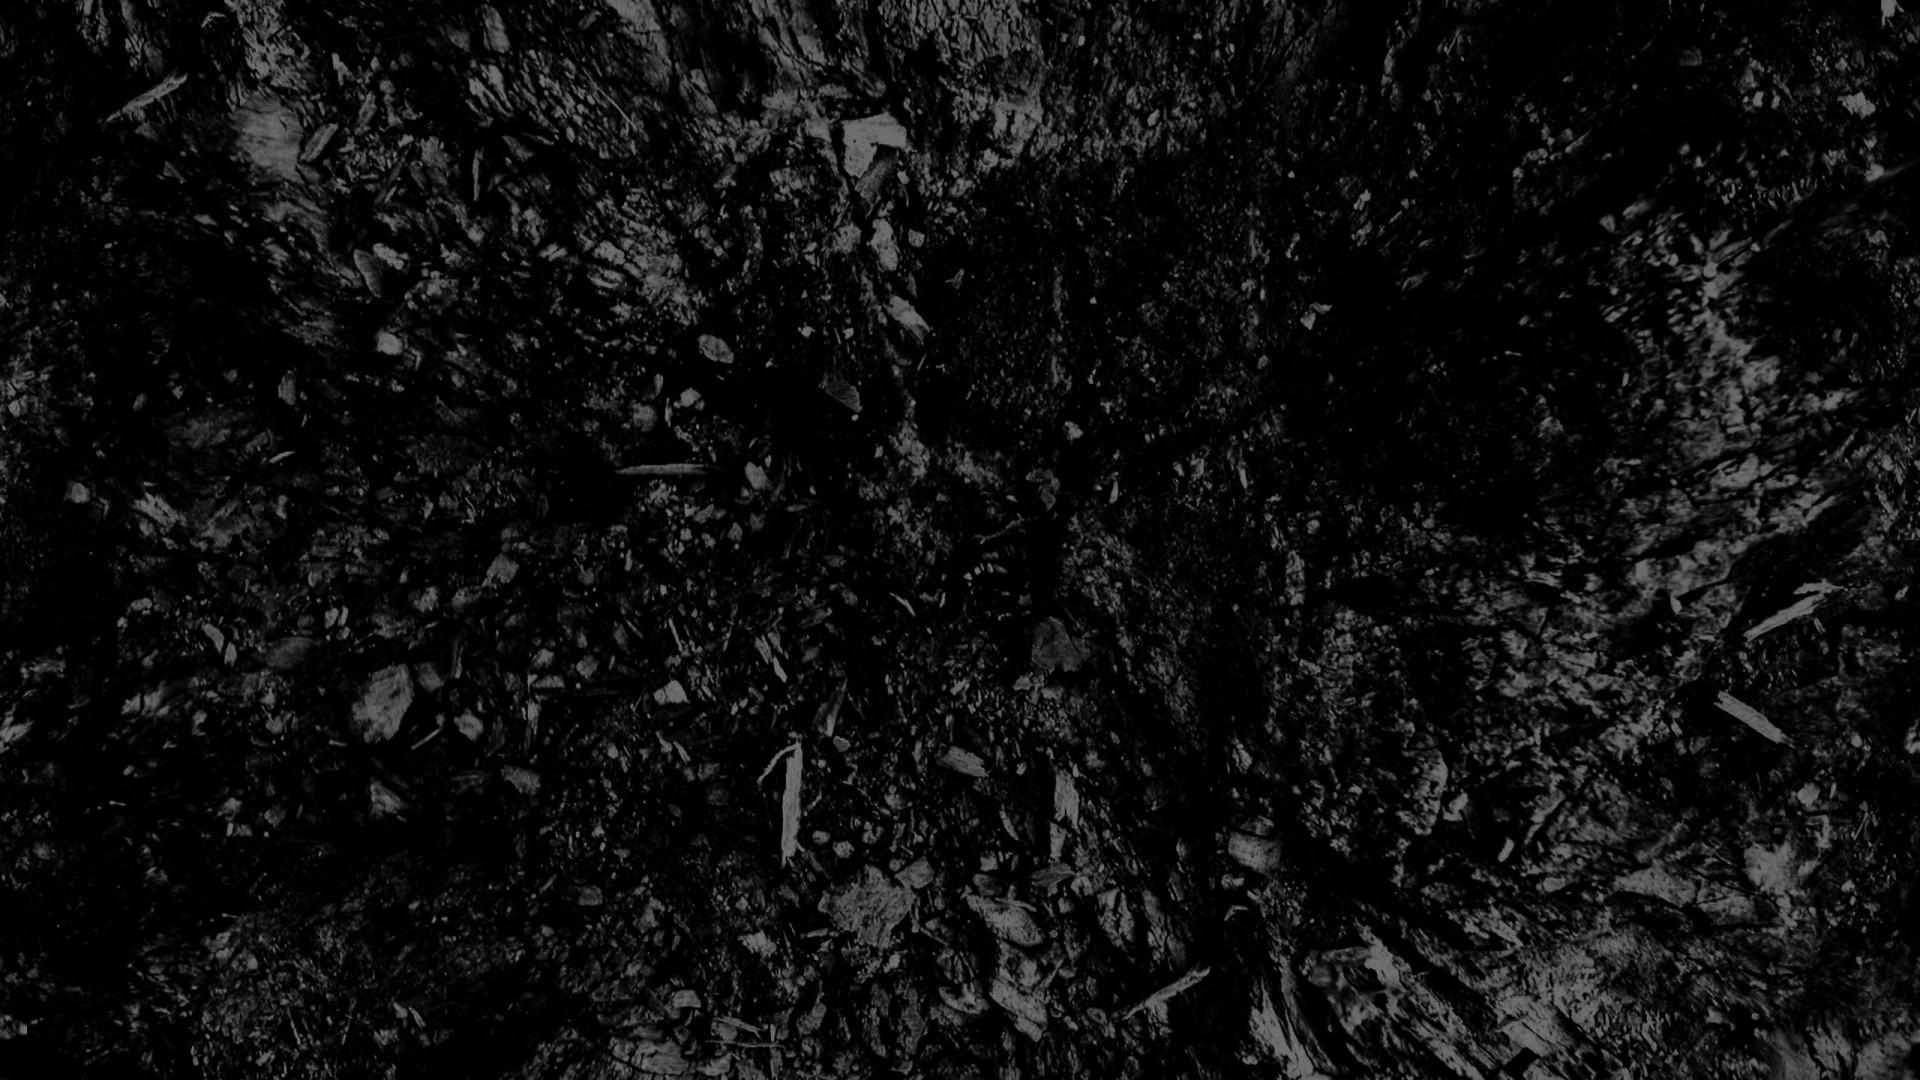 Abstract Hd Wallpapers 1080p 183 ① Wallpapertag